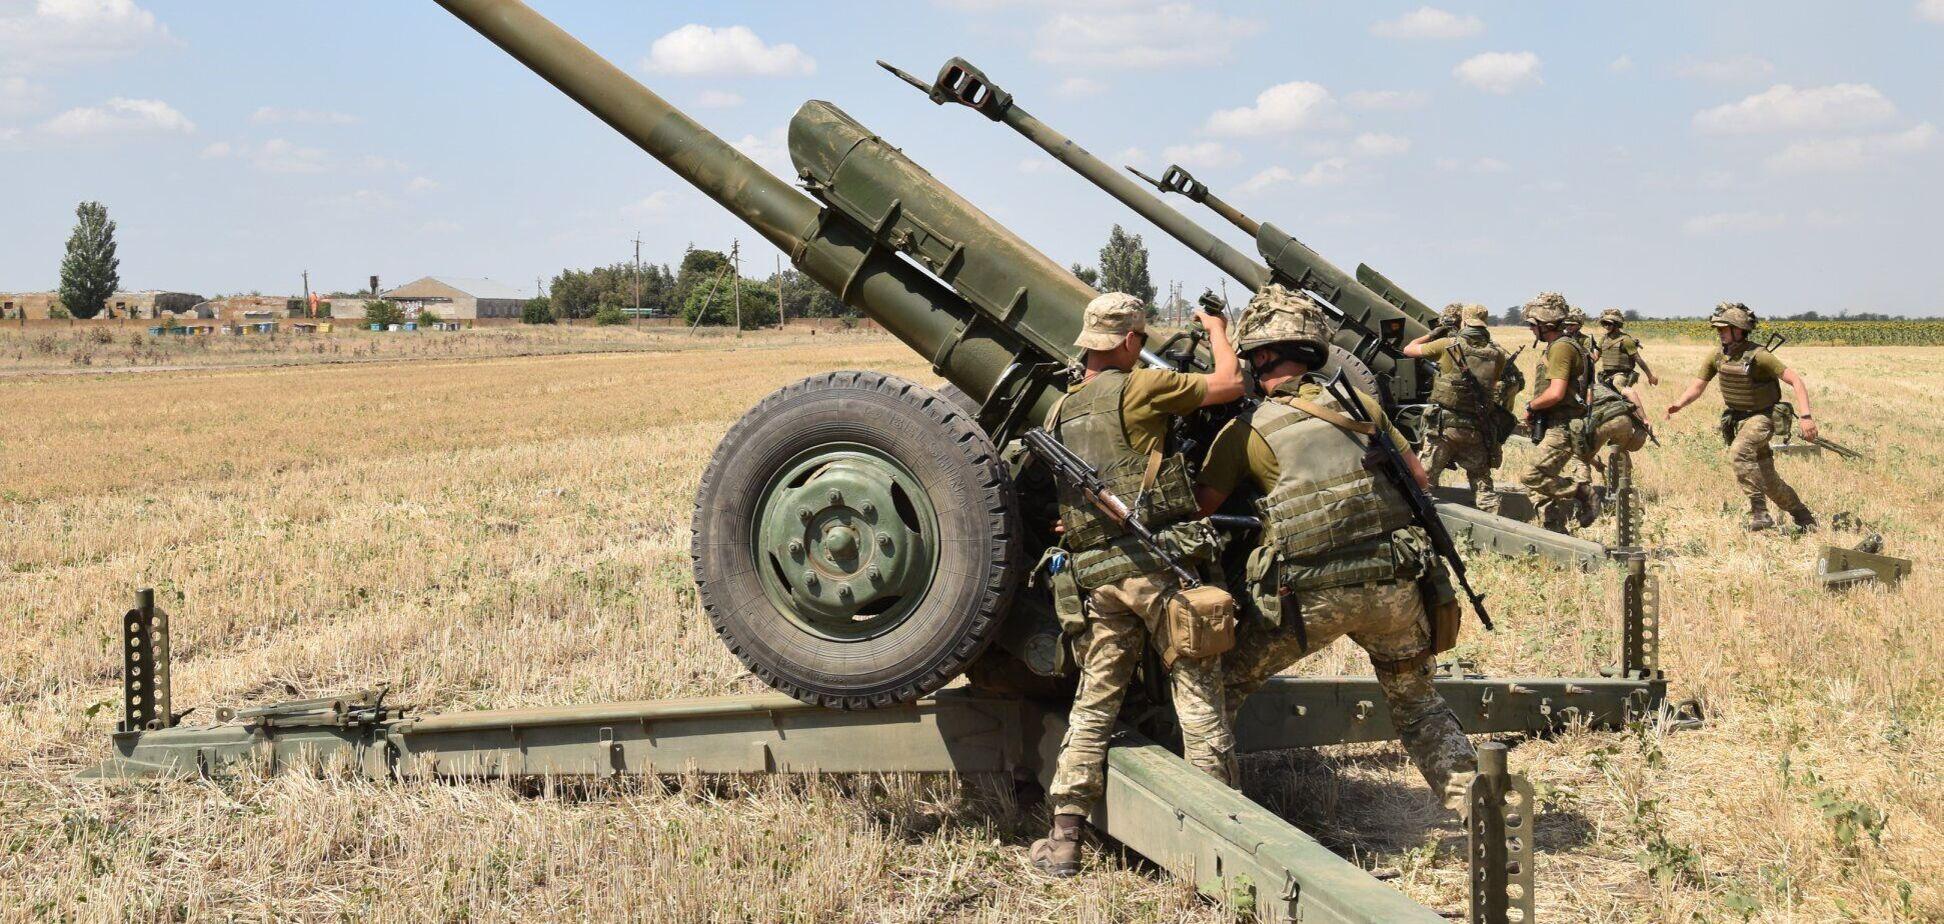 Стрільби гаубичної артилерії ЗСУ на півдні України